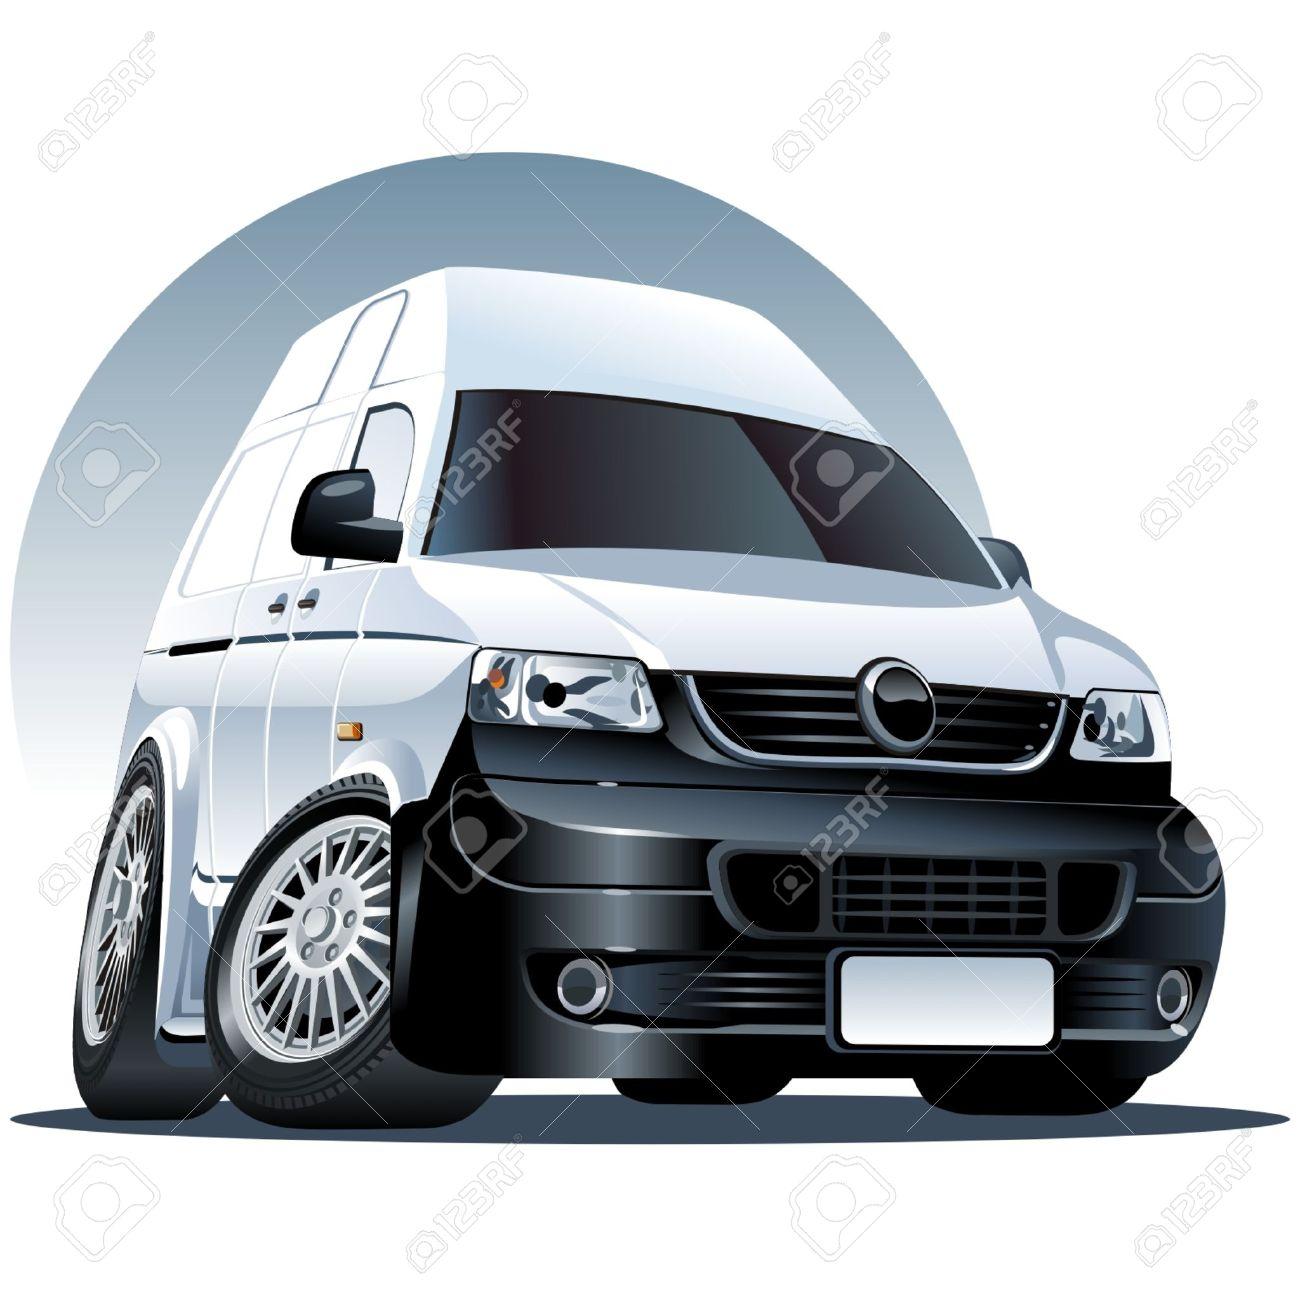 cartoon delivery van Stock Vector - 5968382